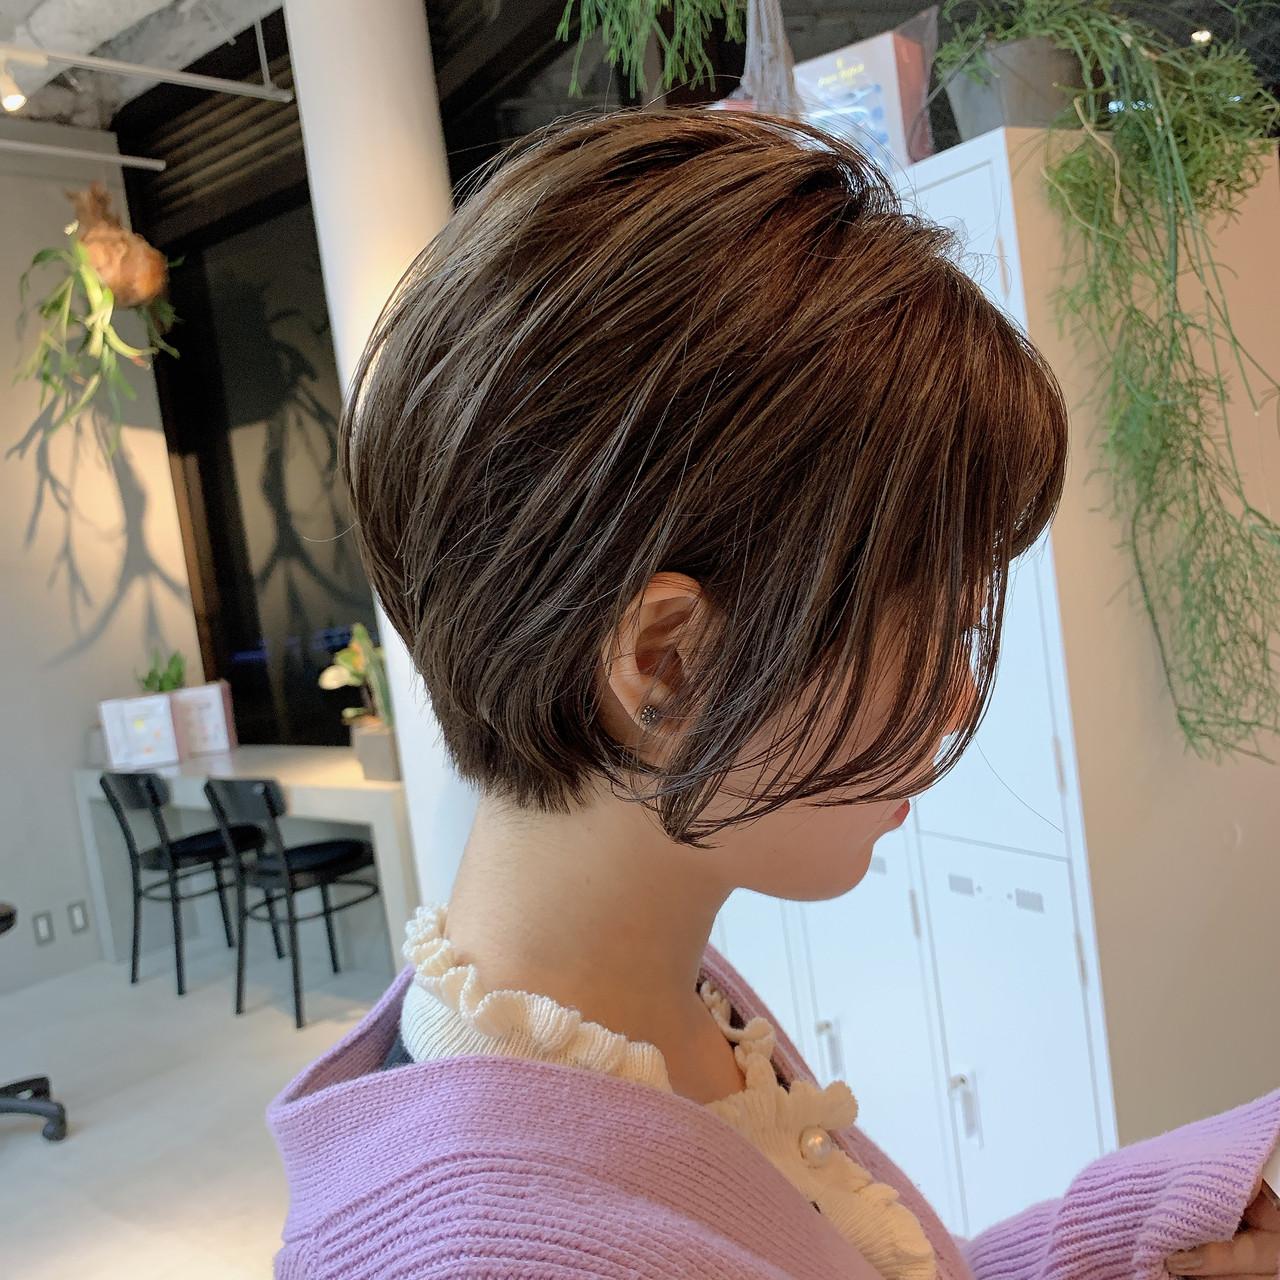 グレージュ ベージュ ショートボブ ショート ヘアスタイルや髪型の写真・画像